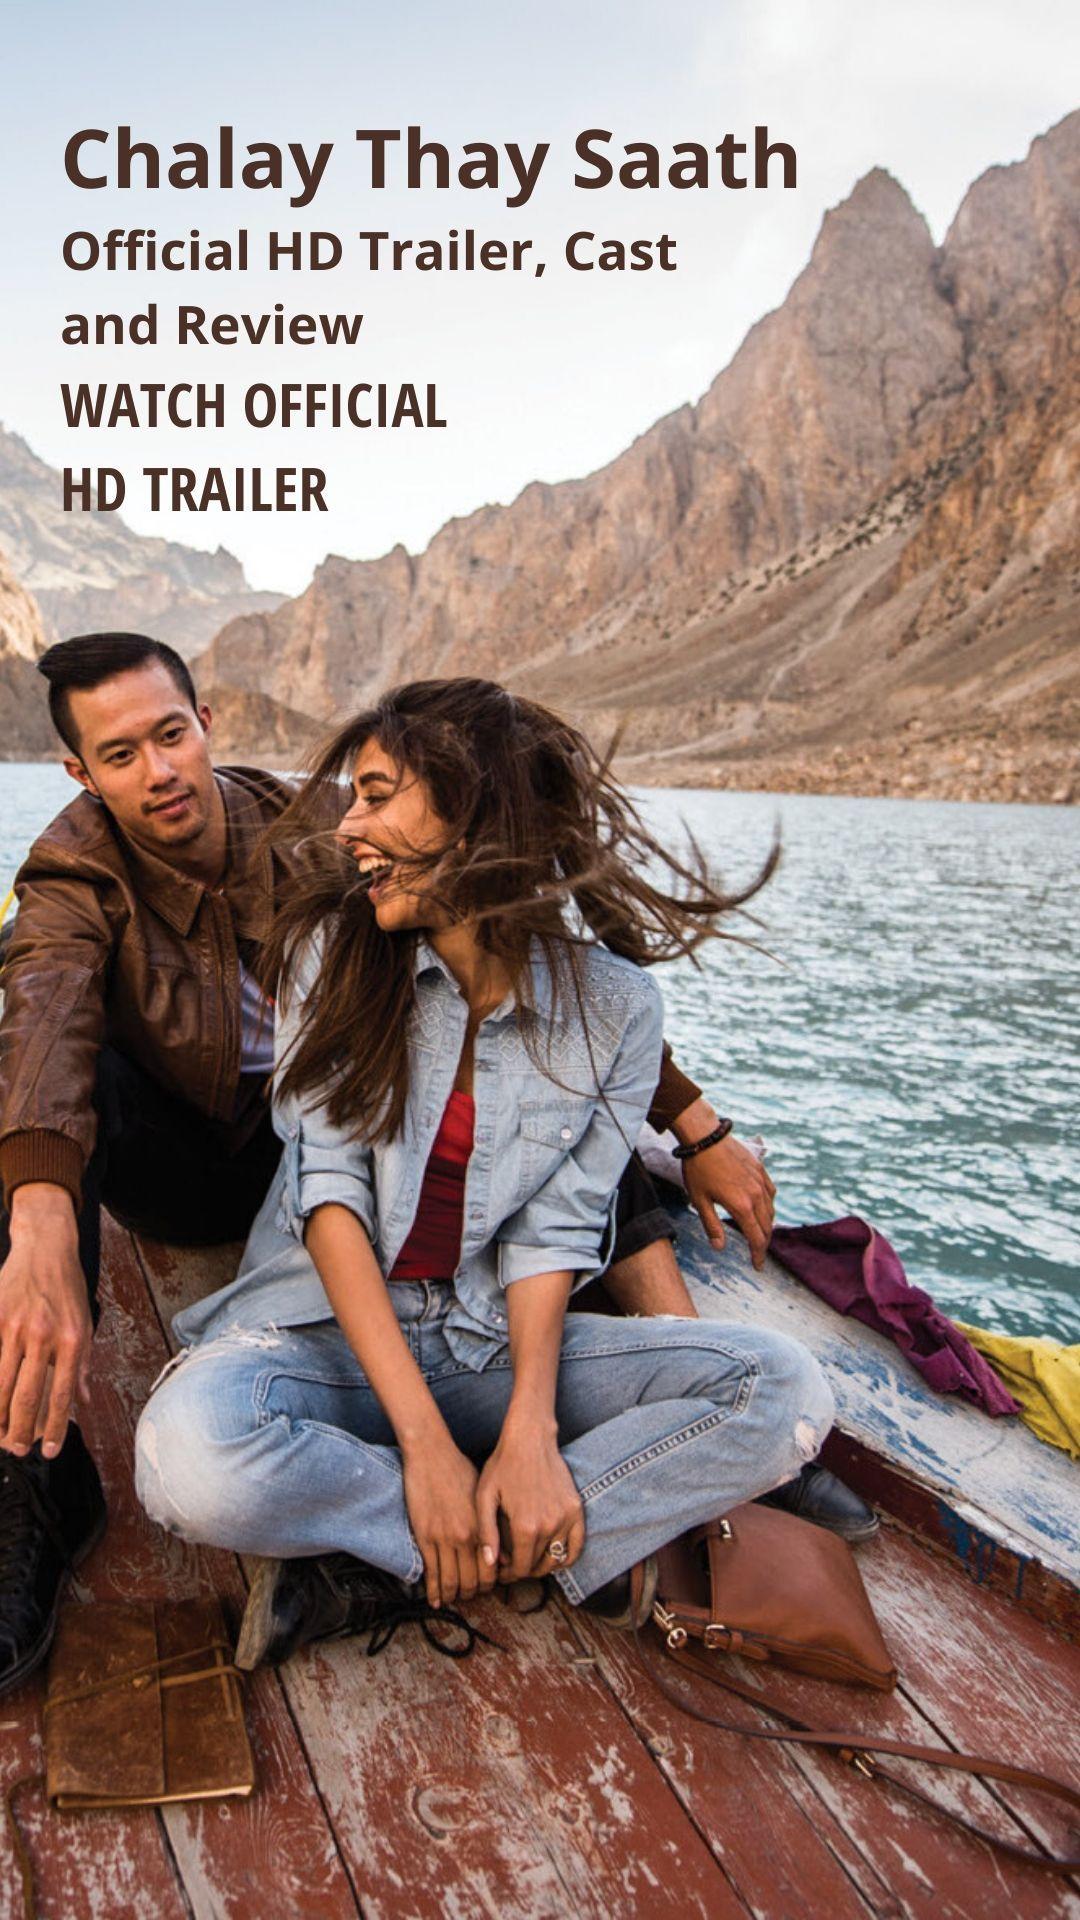 Chalay thay saath pakistani movie netflix in 2020